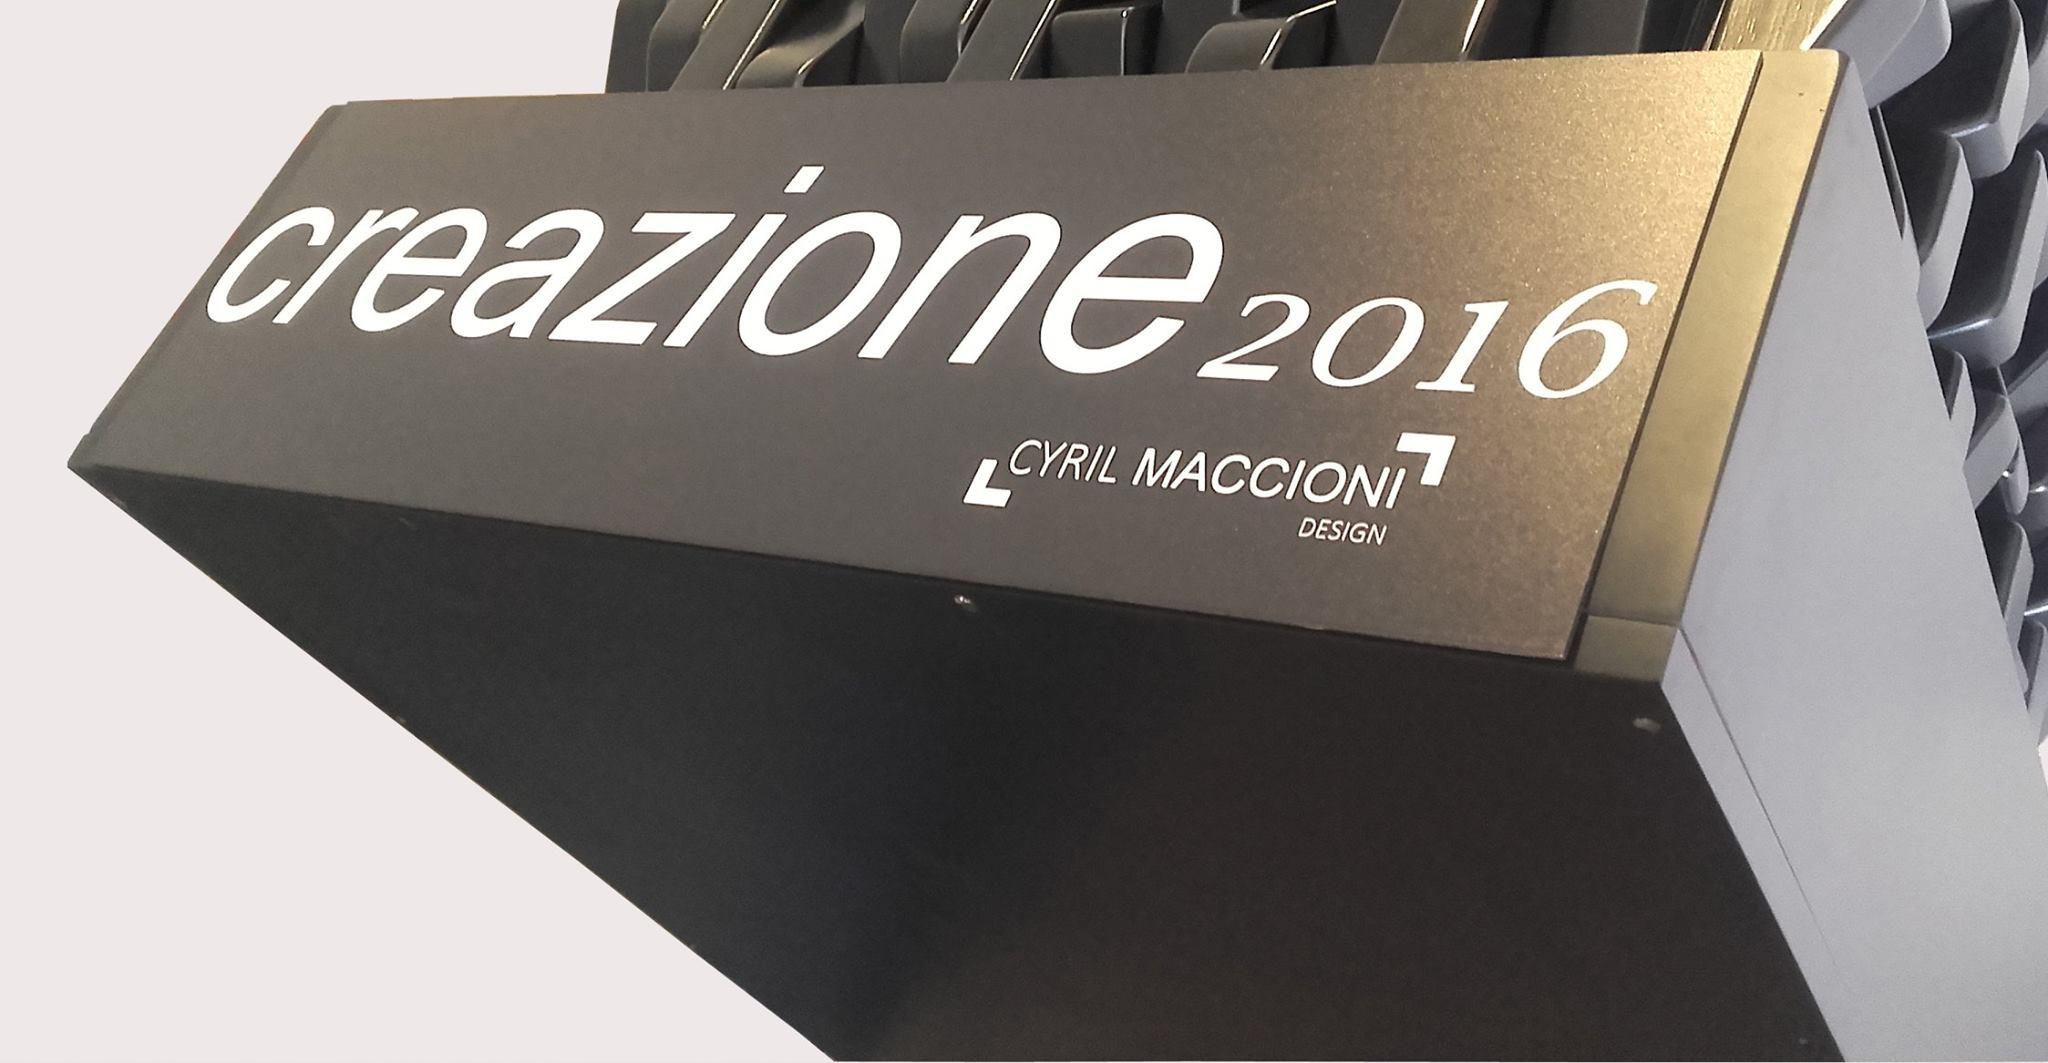 Bastia : Cyril Maccioni inaugurera la 2ème édition du festival Creazione